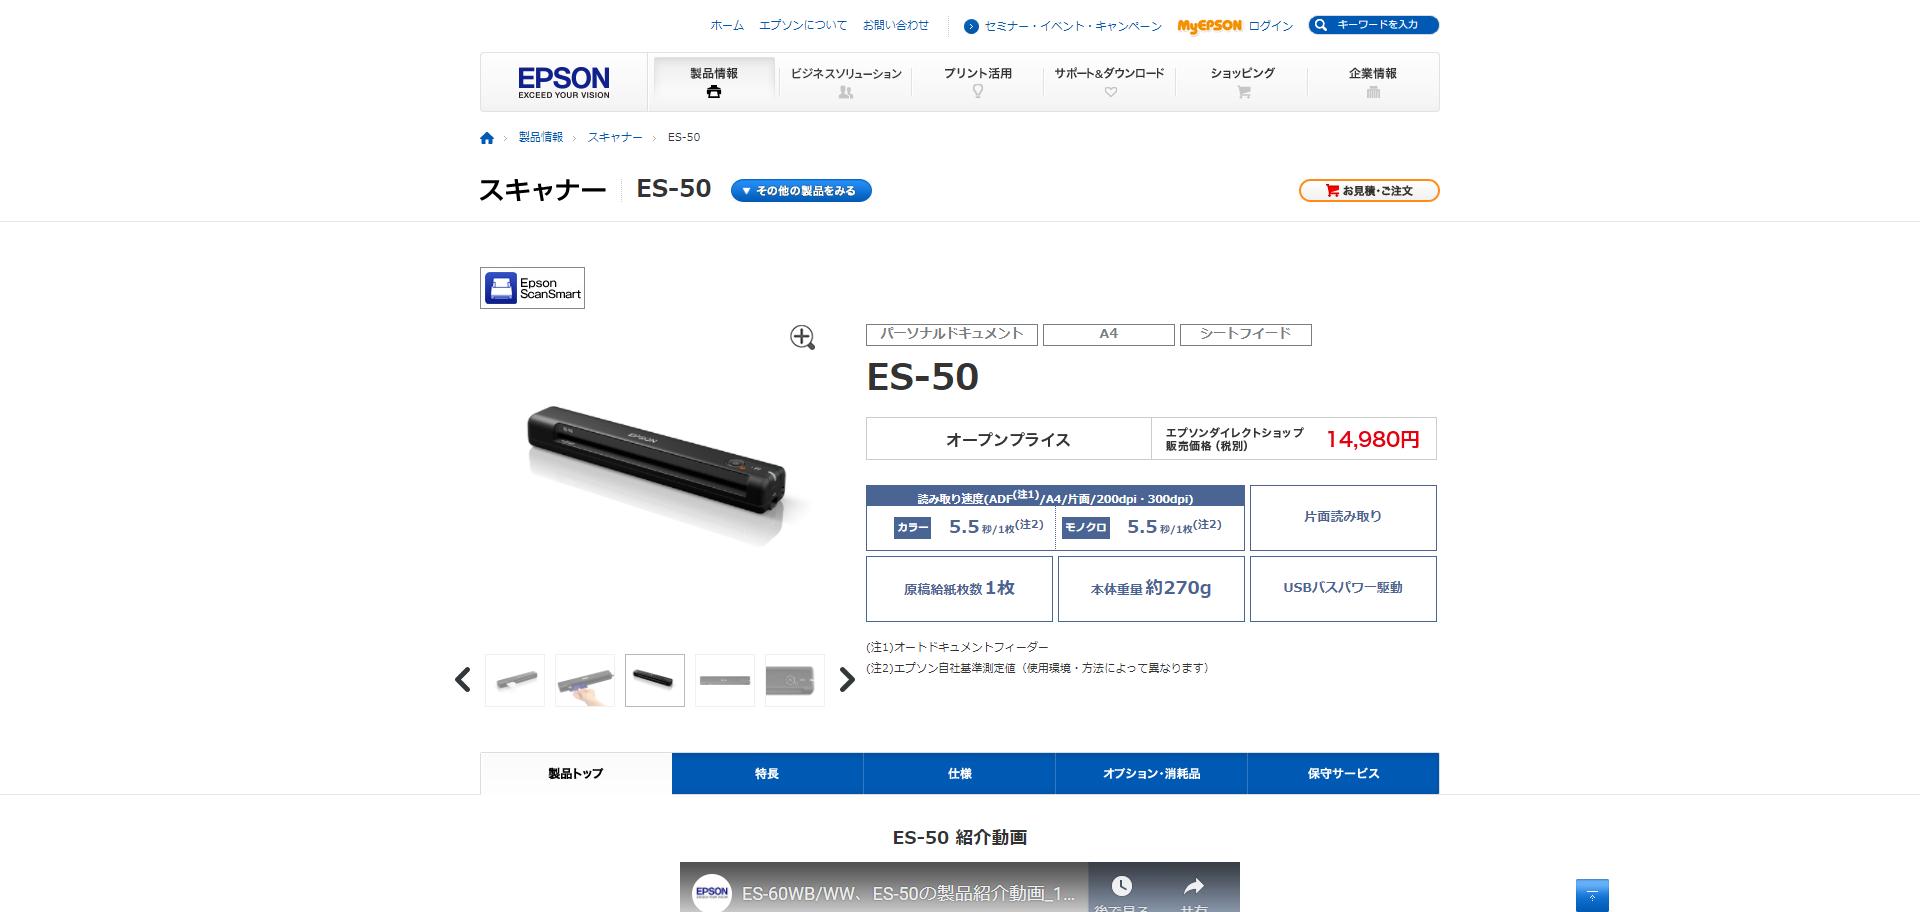 エプソン(EPSON) スキャナー